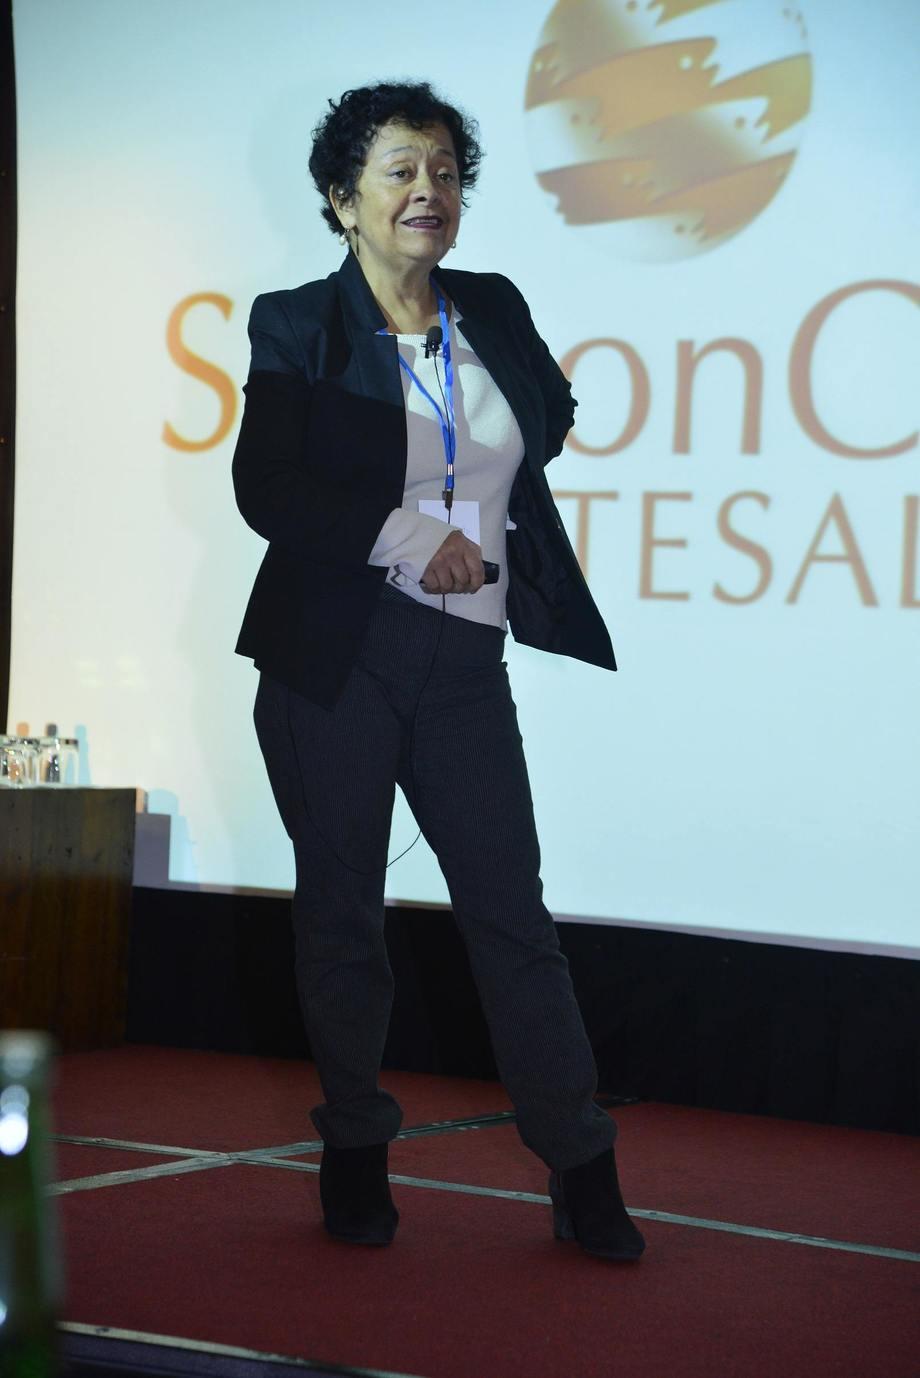 Doris Soto en Jornadas de Investigación de Intesal. Foto: Intesal.